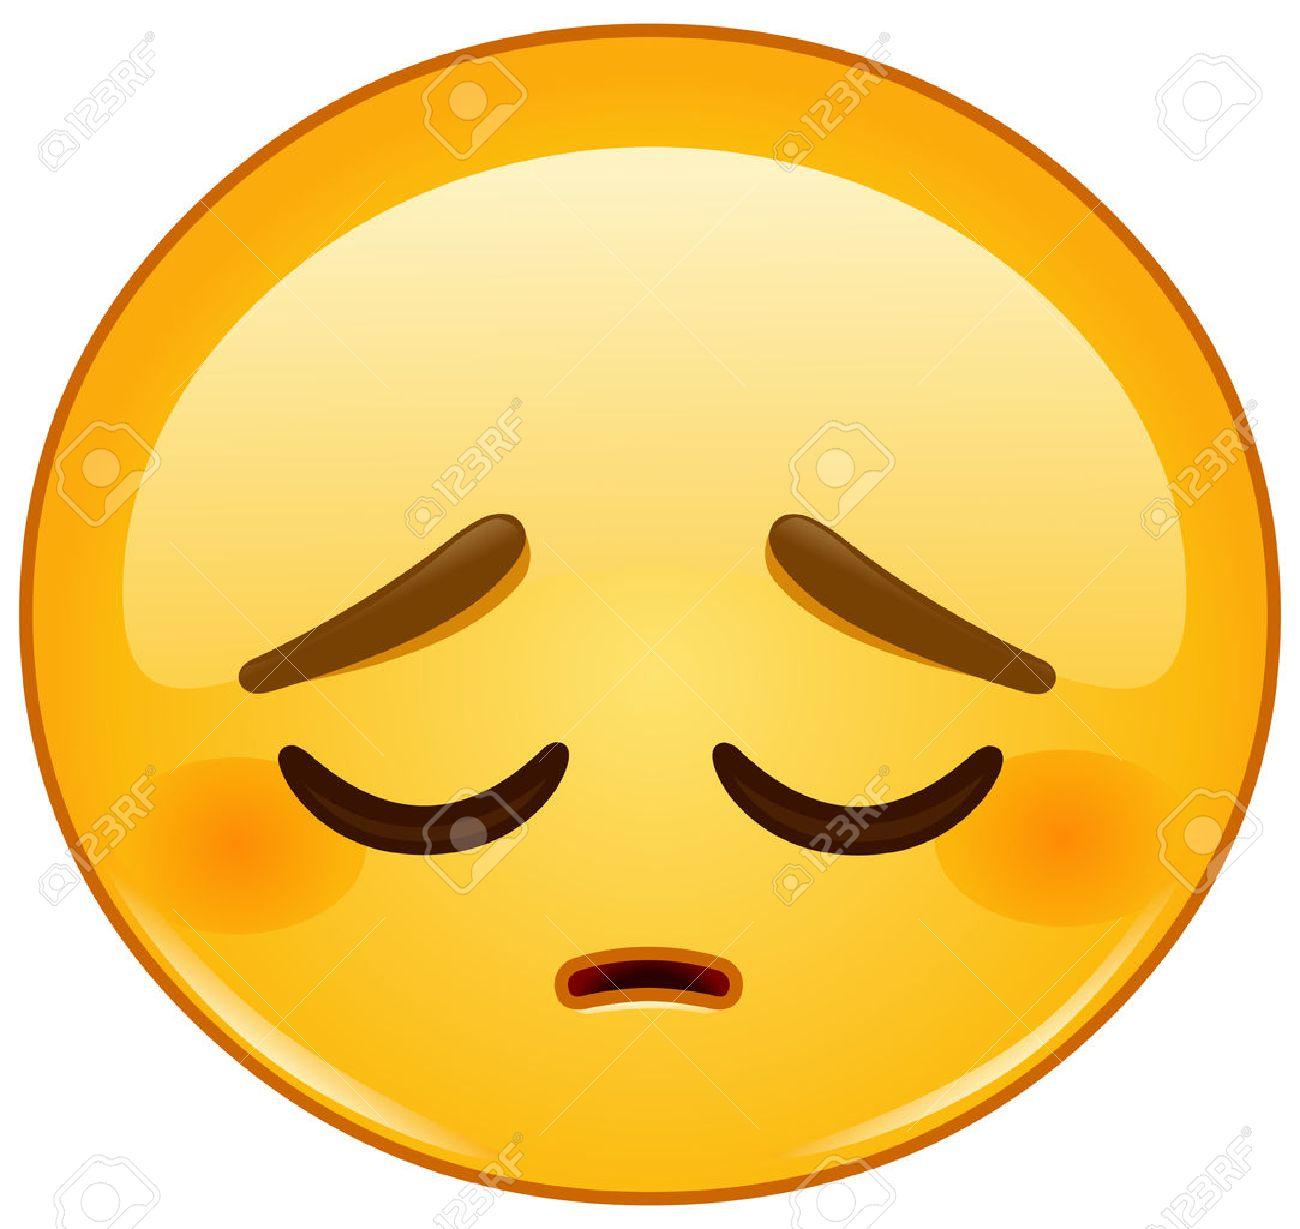 Pensive emoticon - 53170705